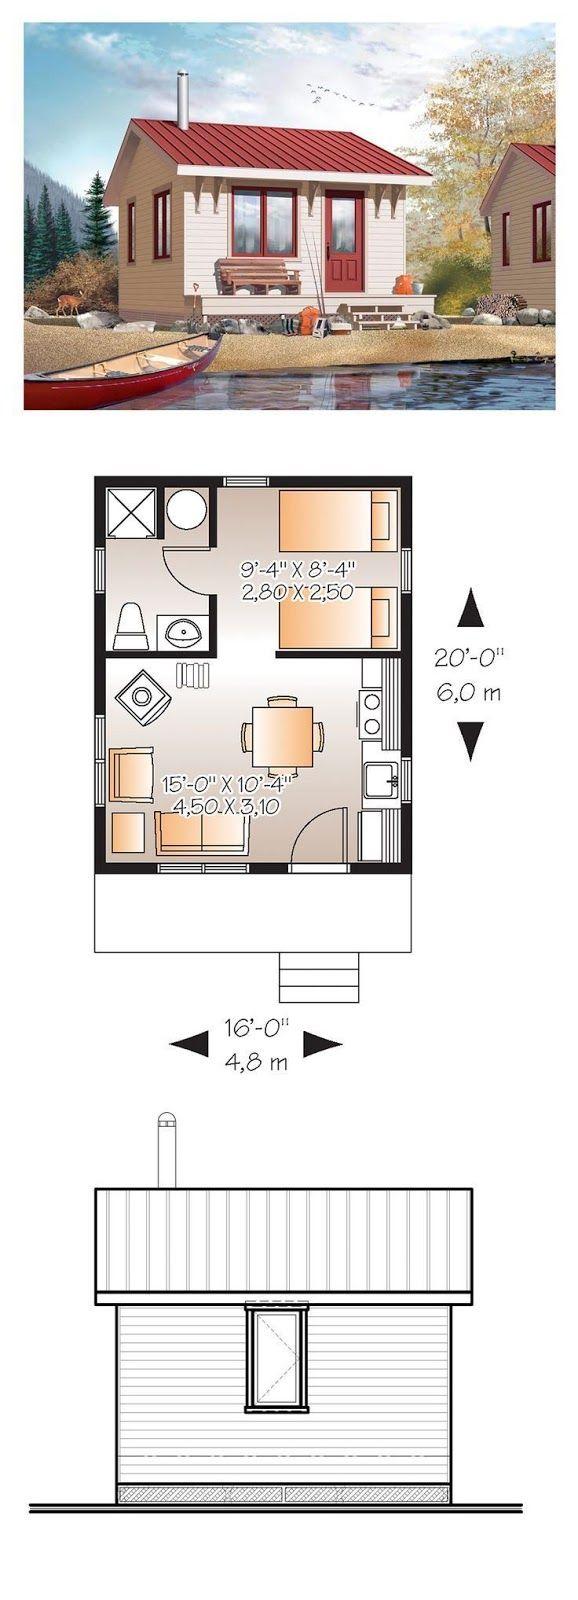 17 best ideas about shed floor on pinterest concrete slab foundation sheds and guest cottage. Black Bedroom Furniture Sets. Home Design Ideas